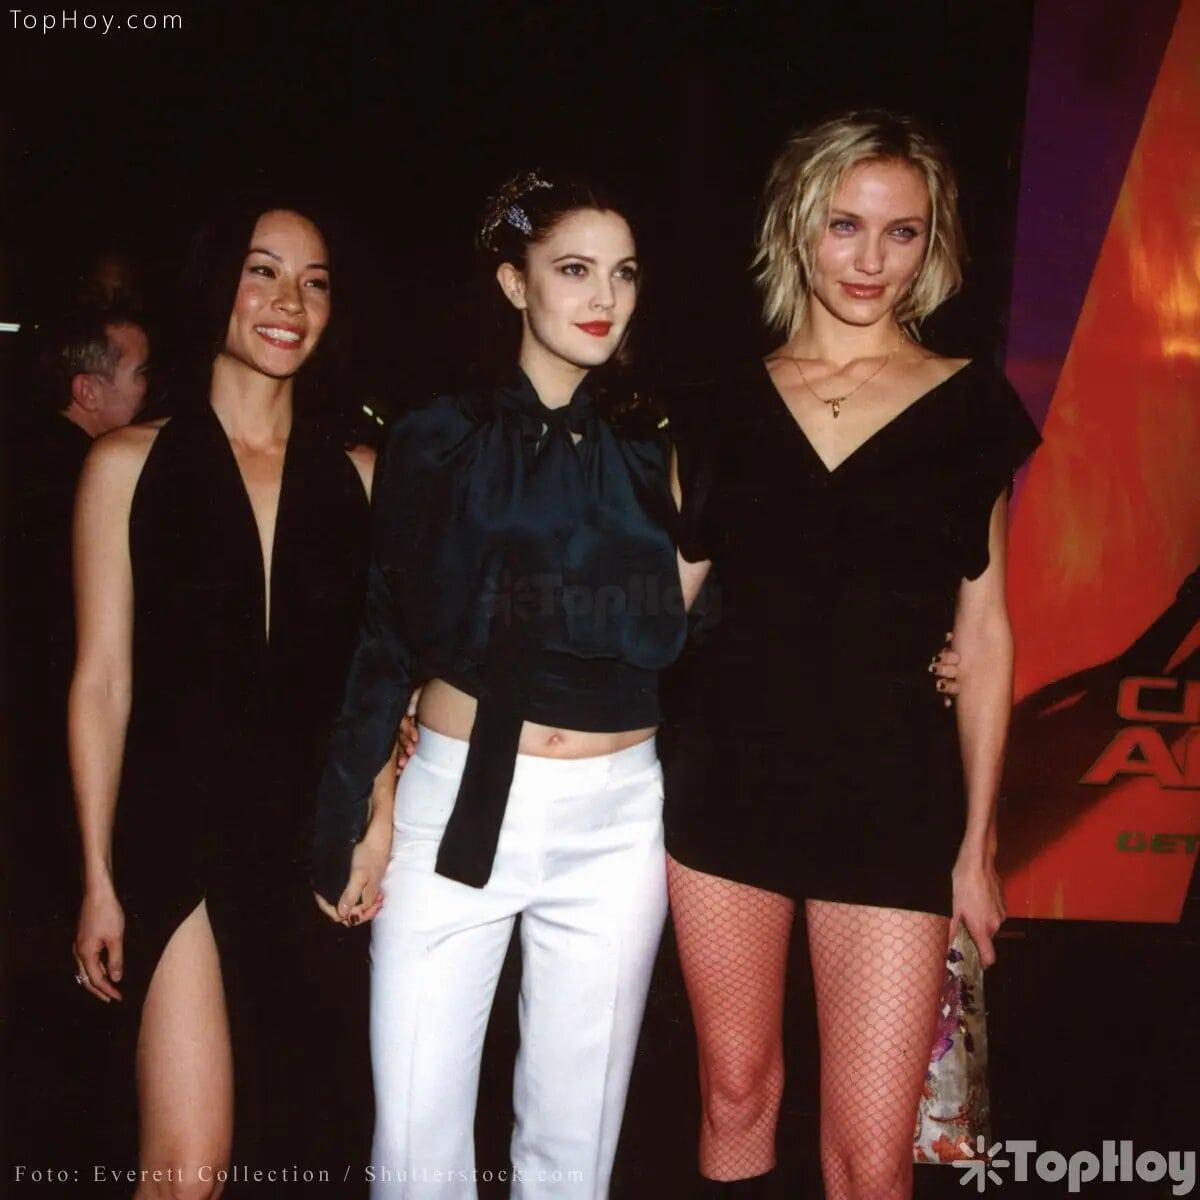 """En enero del 2002, se convirtió en la segunda actriz, después de Julia Roberts, en entrar en el club de los $20 millones por película con """"Charlie's Angels: full throttle""""."""